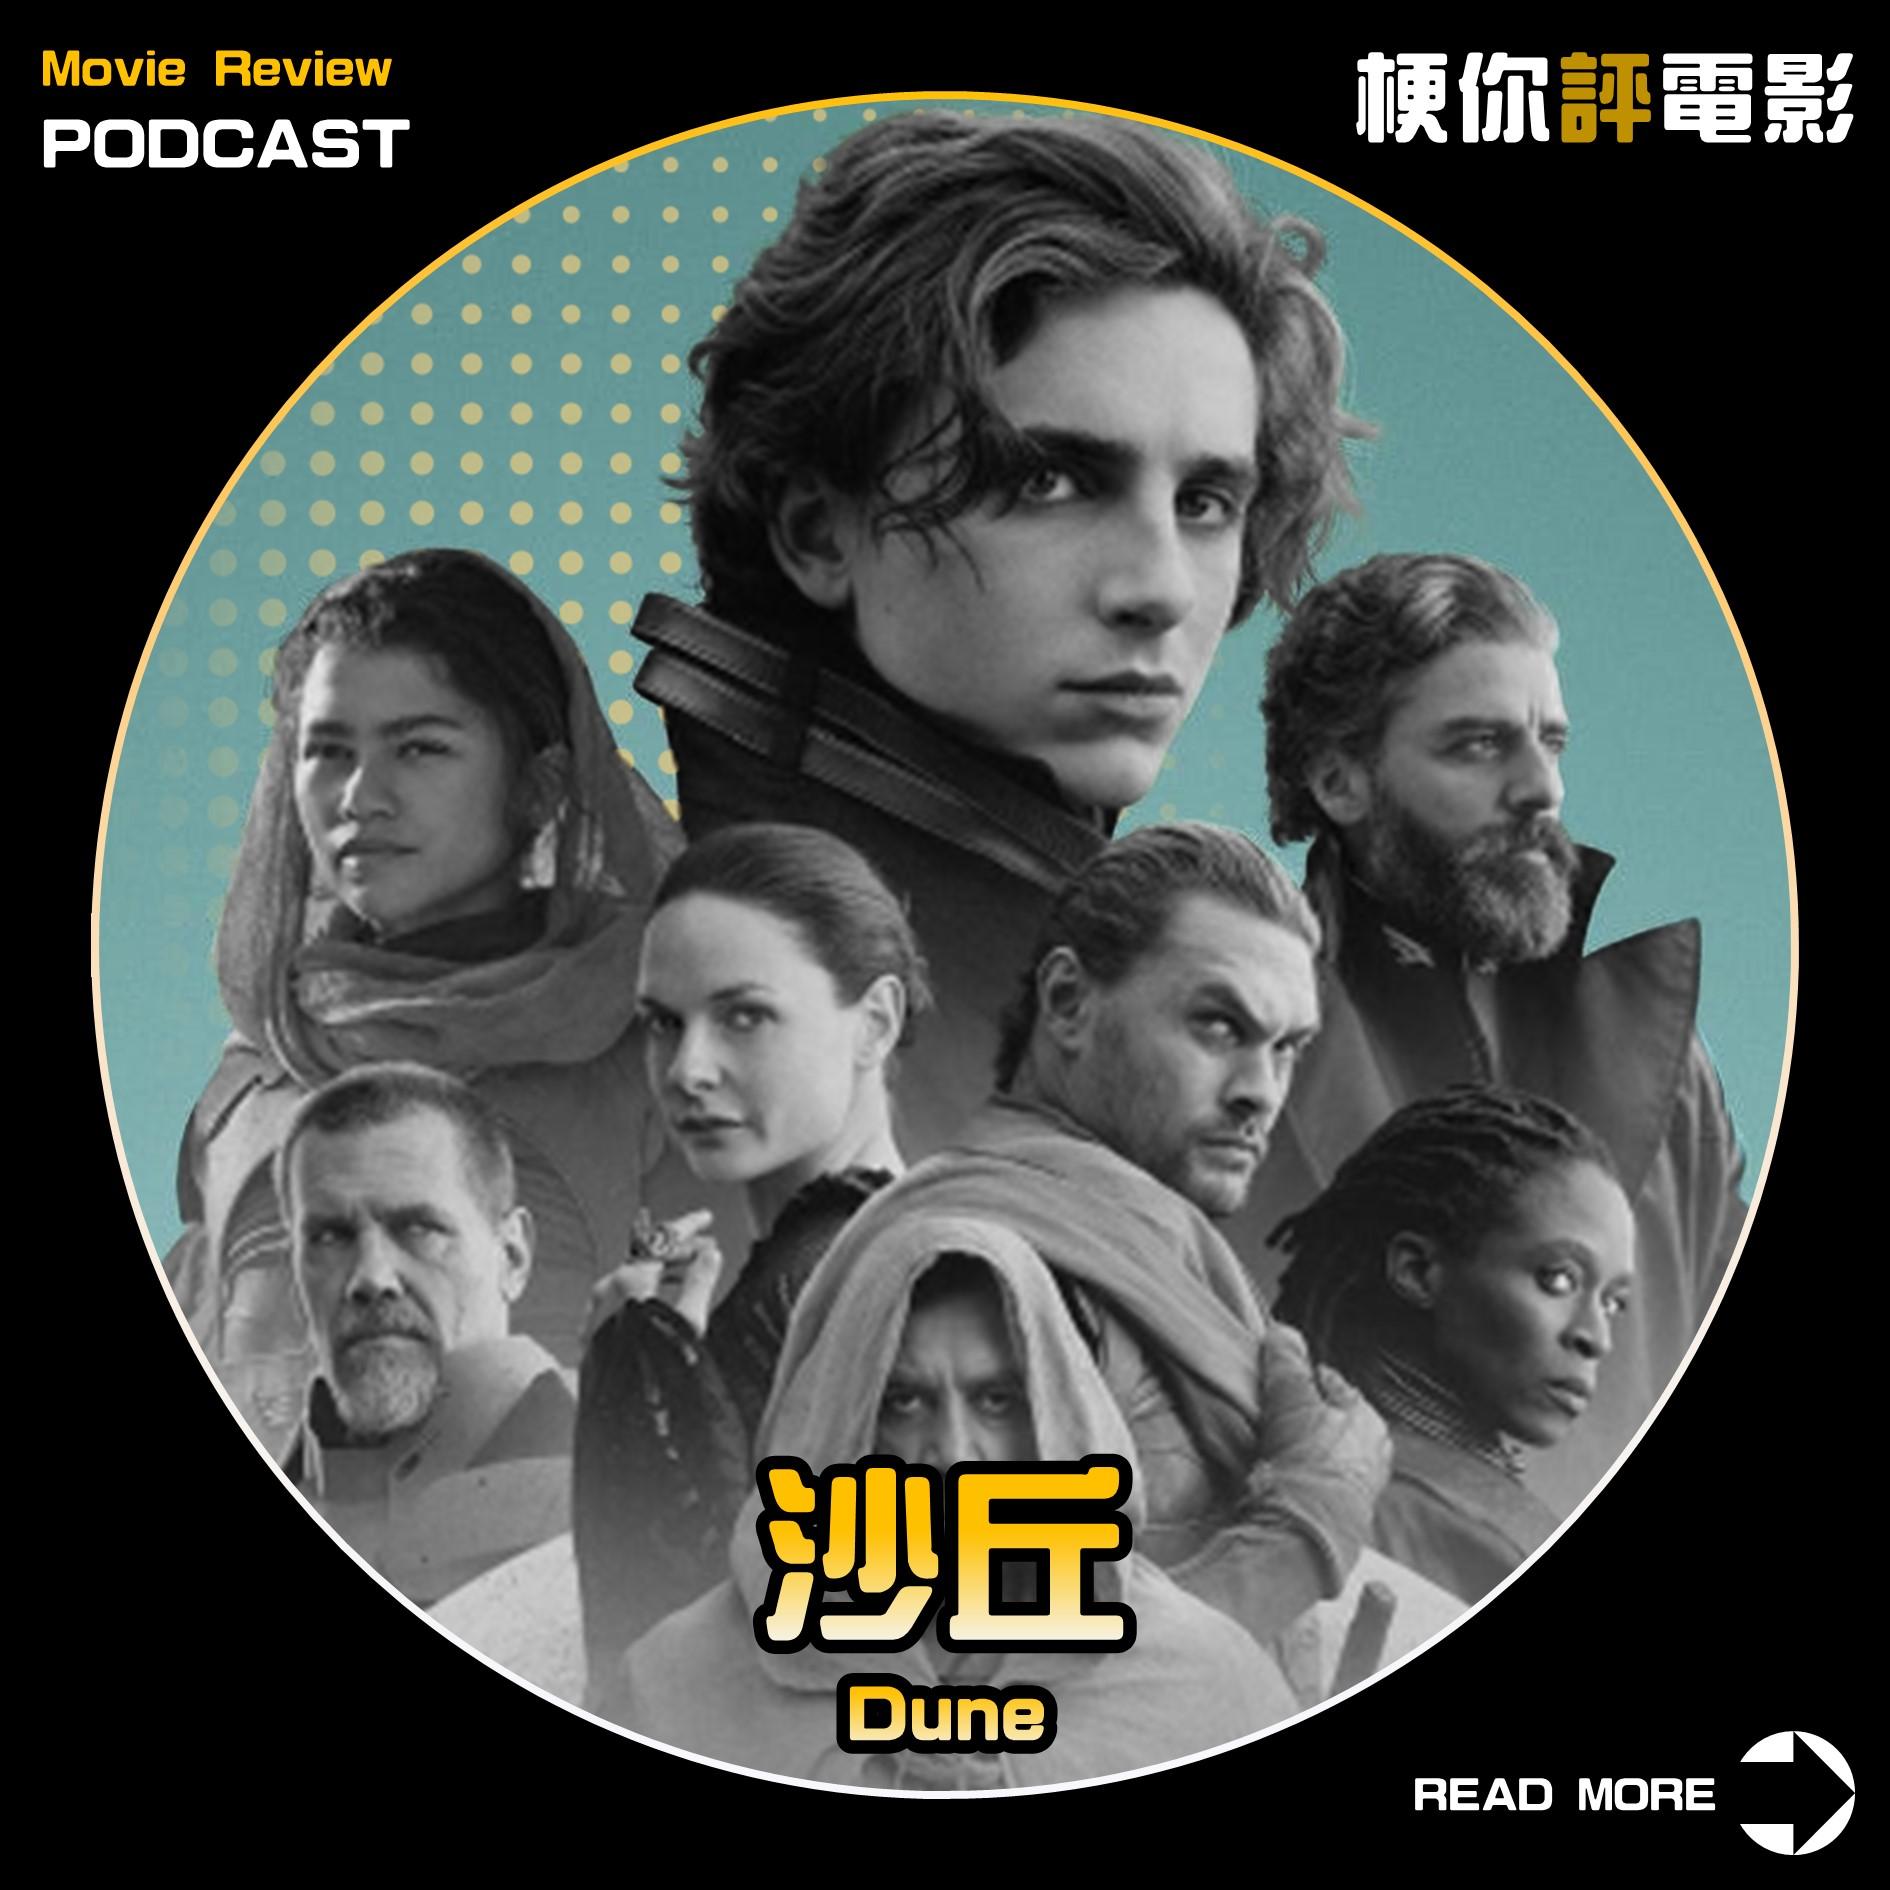 【梗你評電影】《沙丘》Dune   這部電影就。很。美  沙丘瀚戰    PODCAST XXY + JERICHO feat. Matt